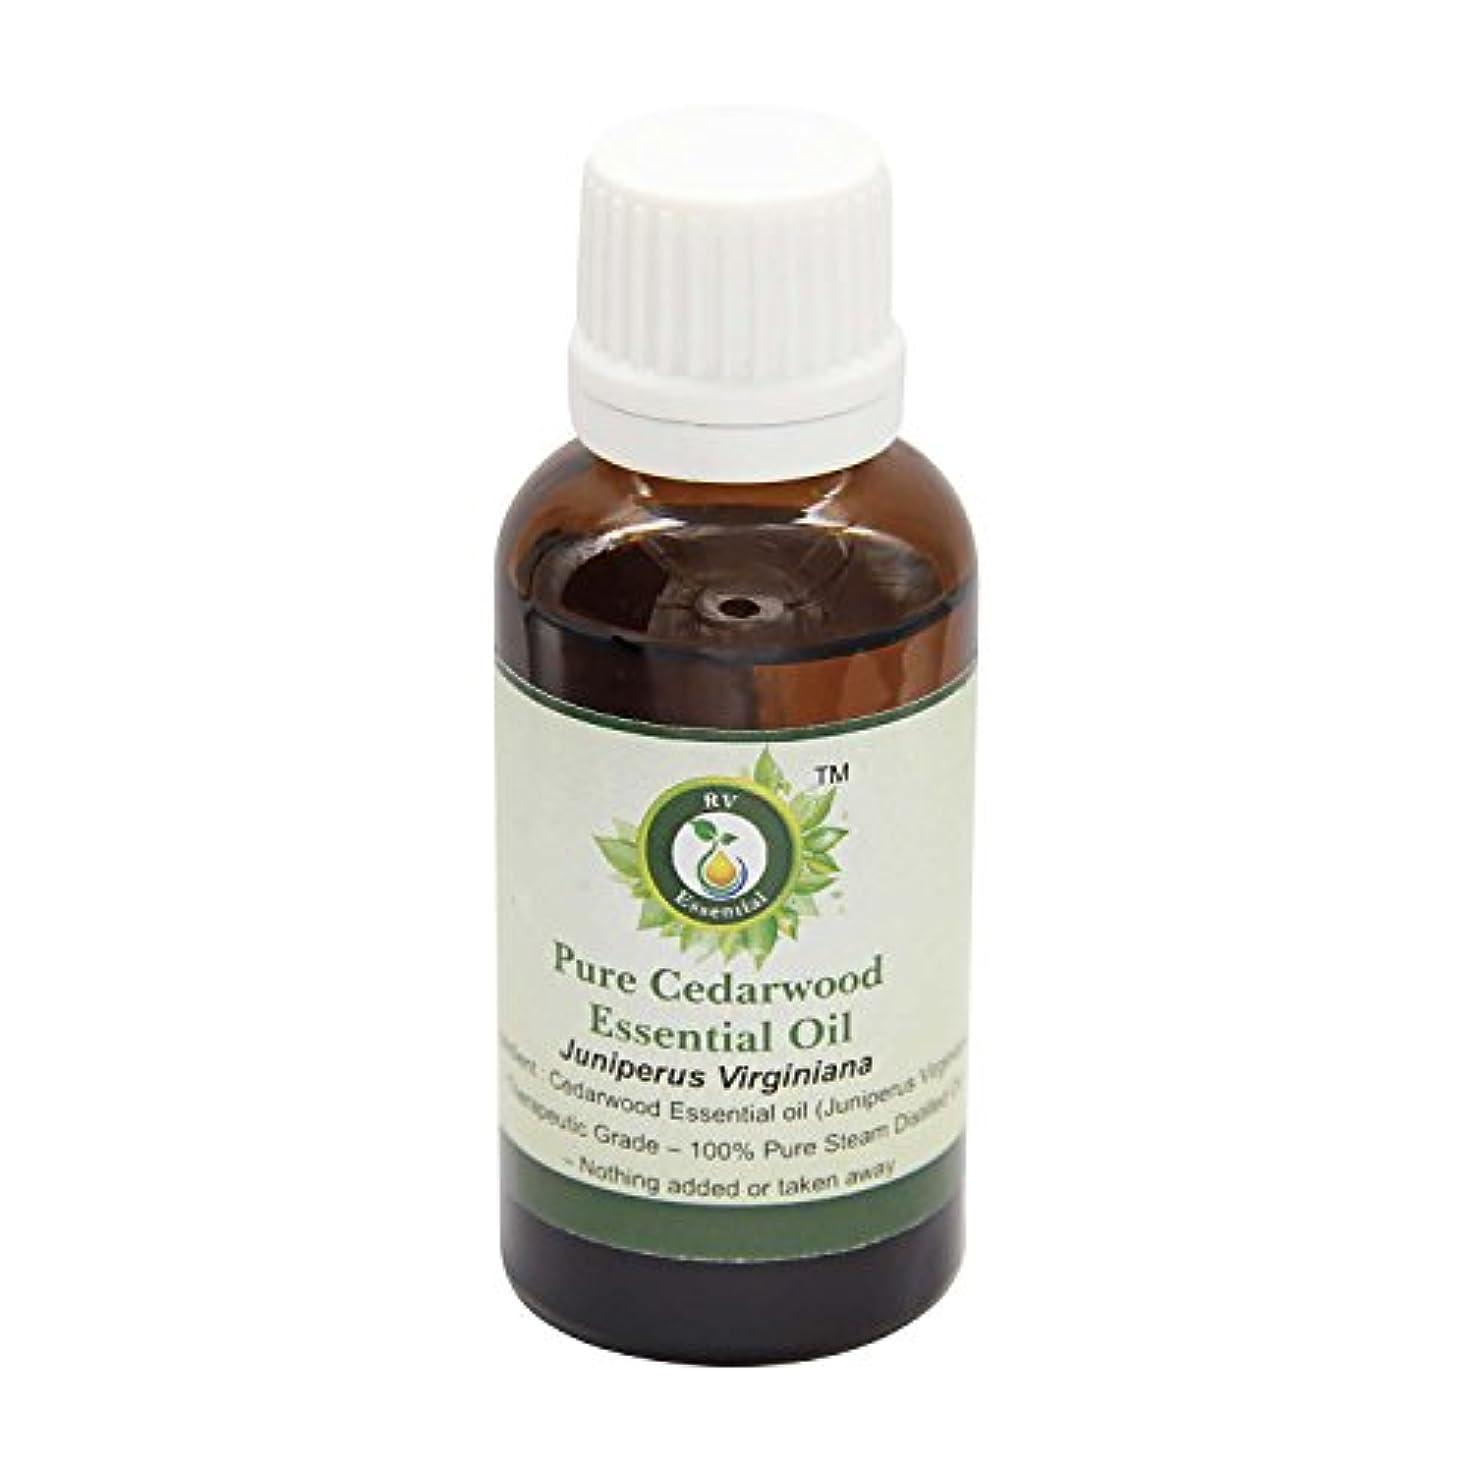 速度キャラクター検出R V Essential 純粋なシダーウッドエッセンシャルオイル10ml (0.338oz)- Juniperus Virginiana (100%純粋&天然スチームDistilled) Pure Cedarwood Essential Oil